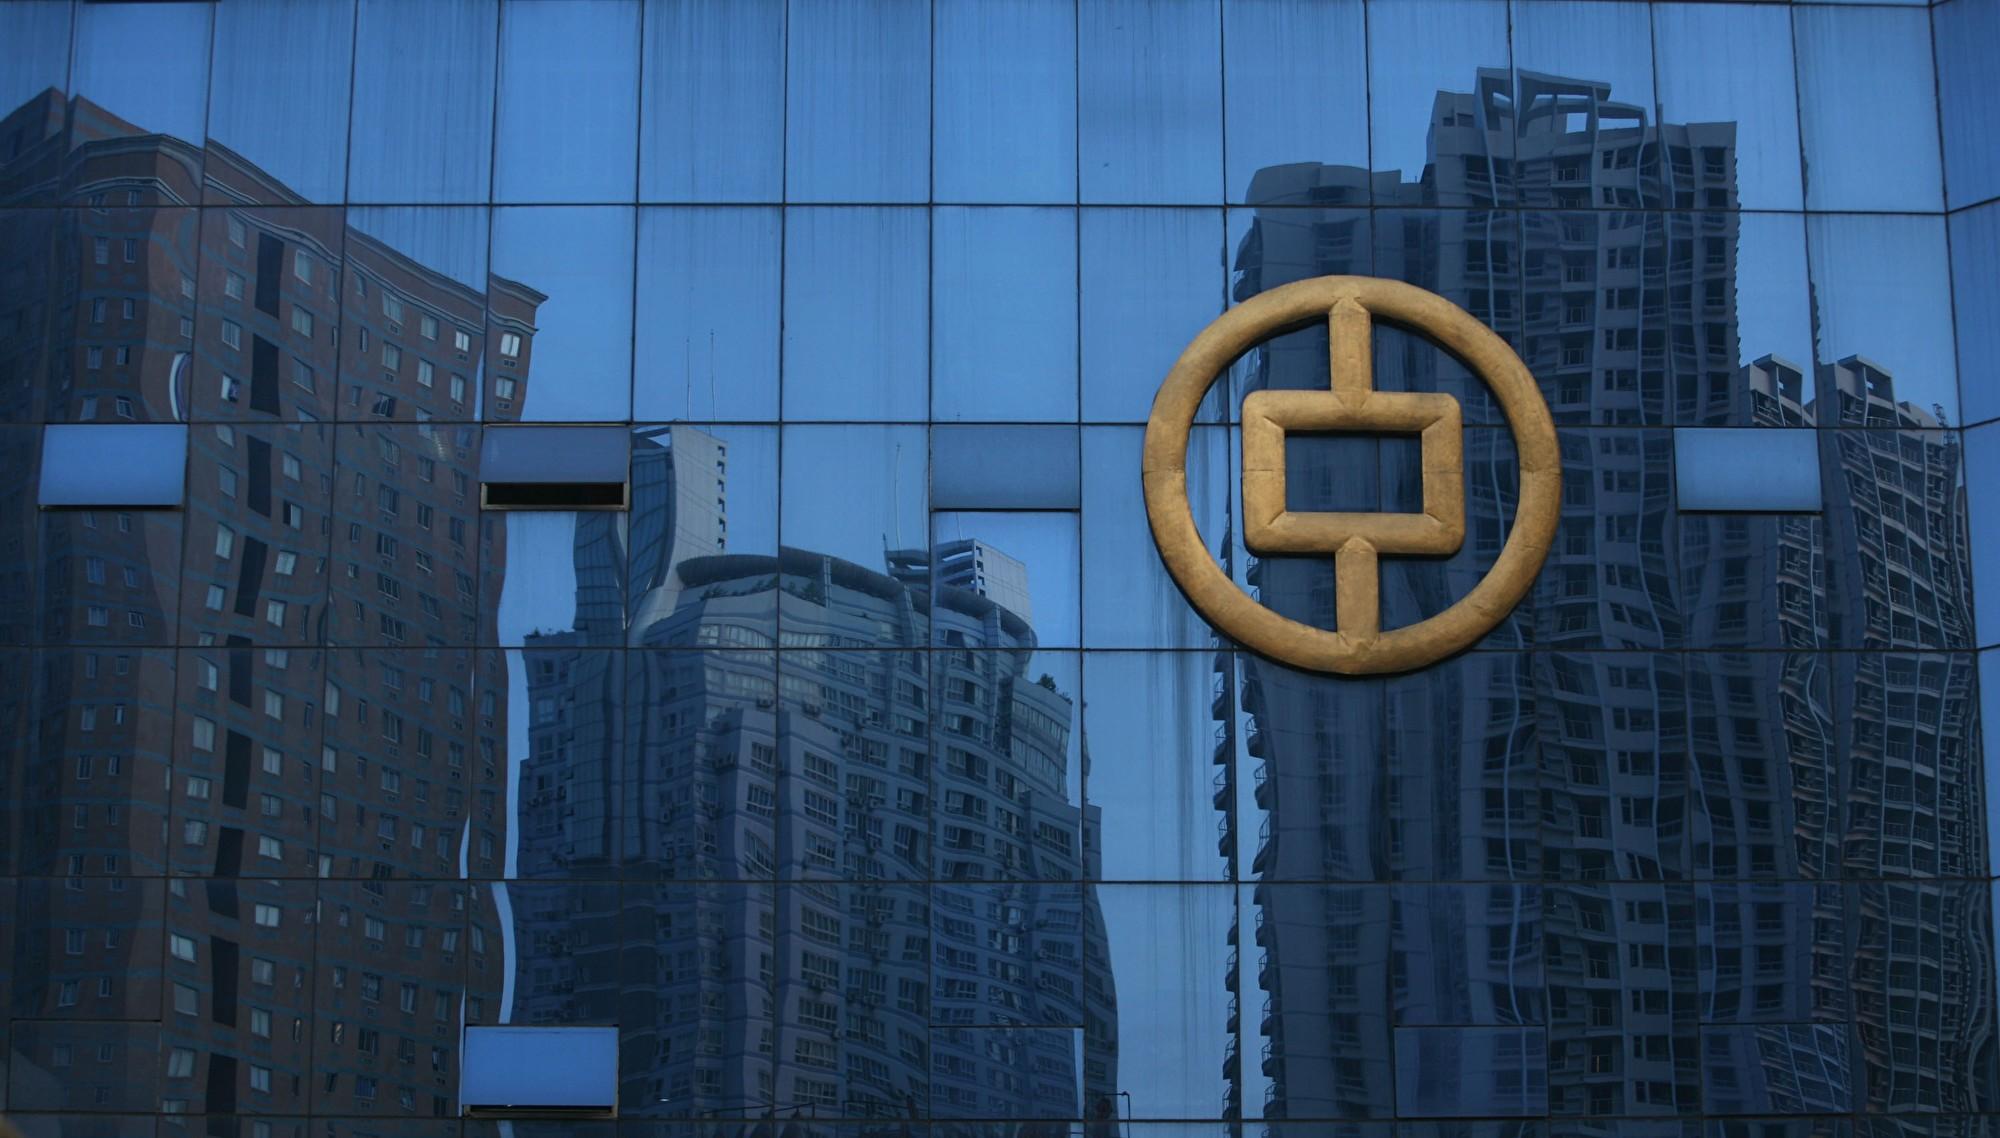 專家分析中國銀行原油寶爆倉「實為賭場」